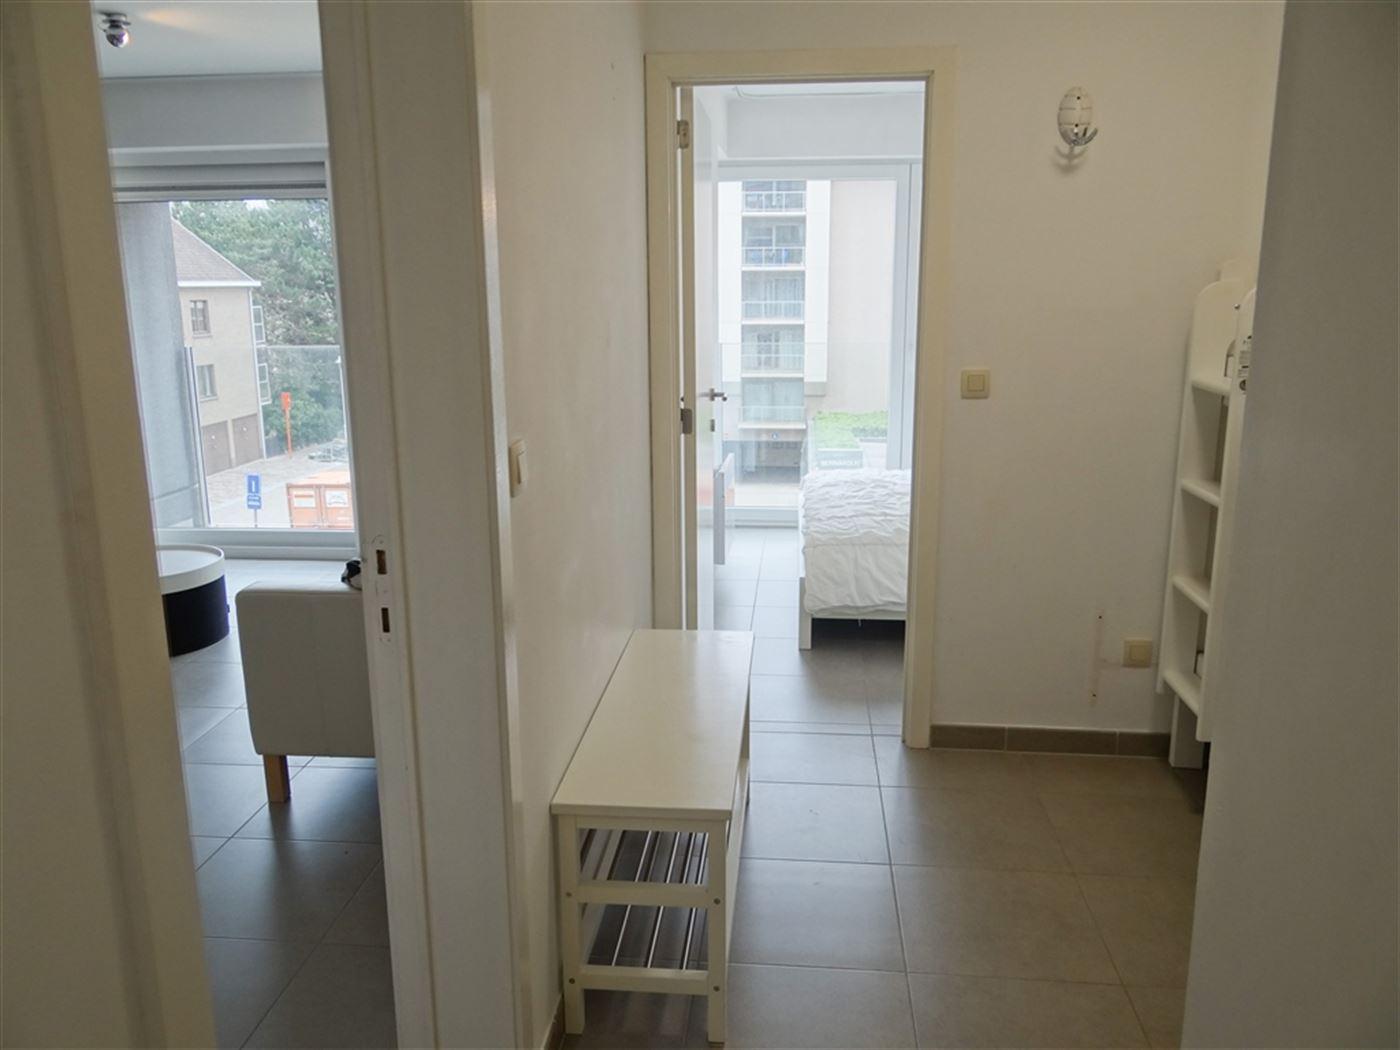 TE HUUR OP JAARBASIS - appartement met 1 slaapkamer en  slaaphoek - moderne uitgerust - open ingerichte keuken met frigo, micro-oven, vaatwas en keram...